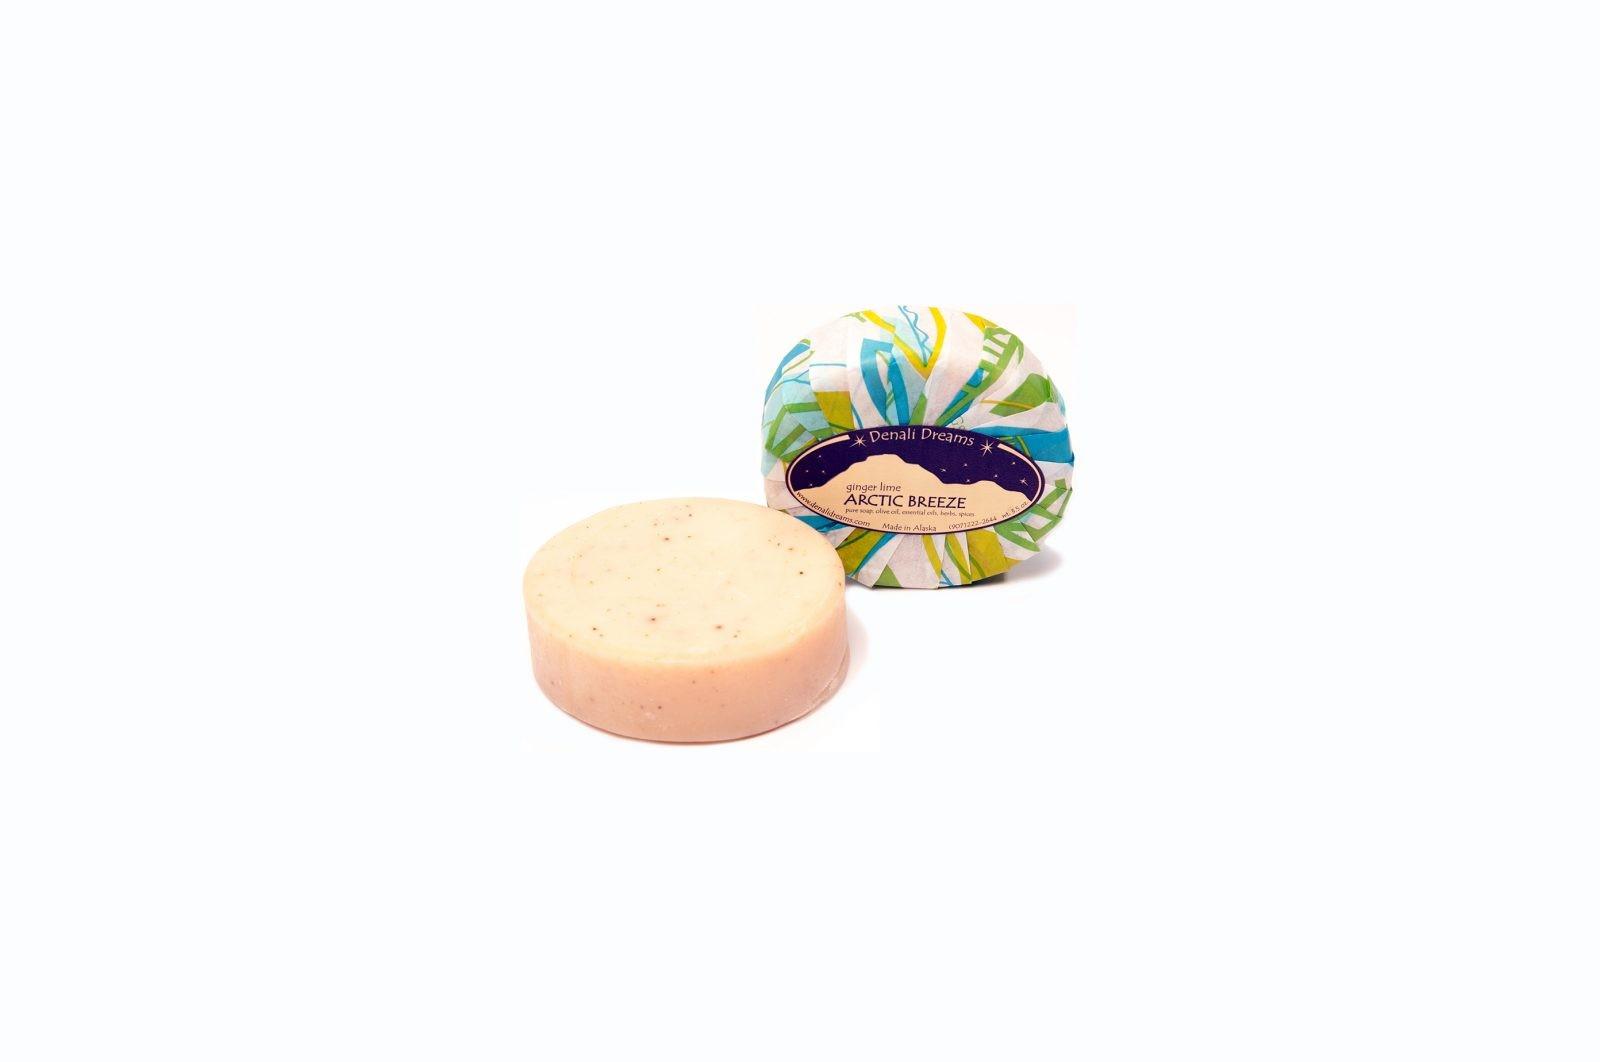 Arctic Breeze Soap